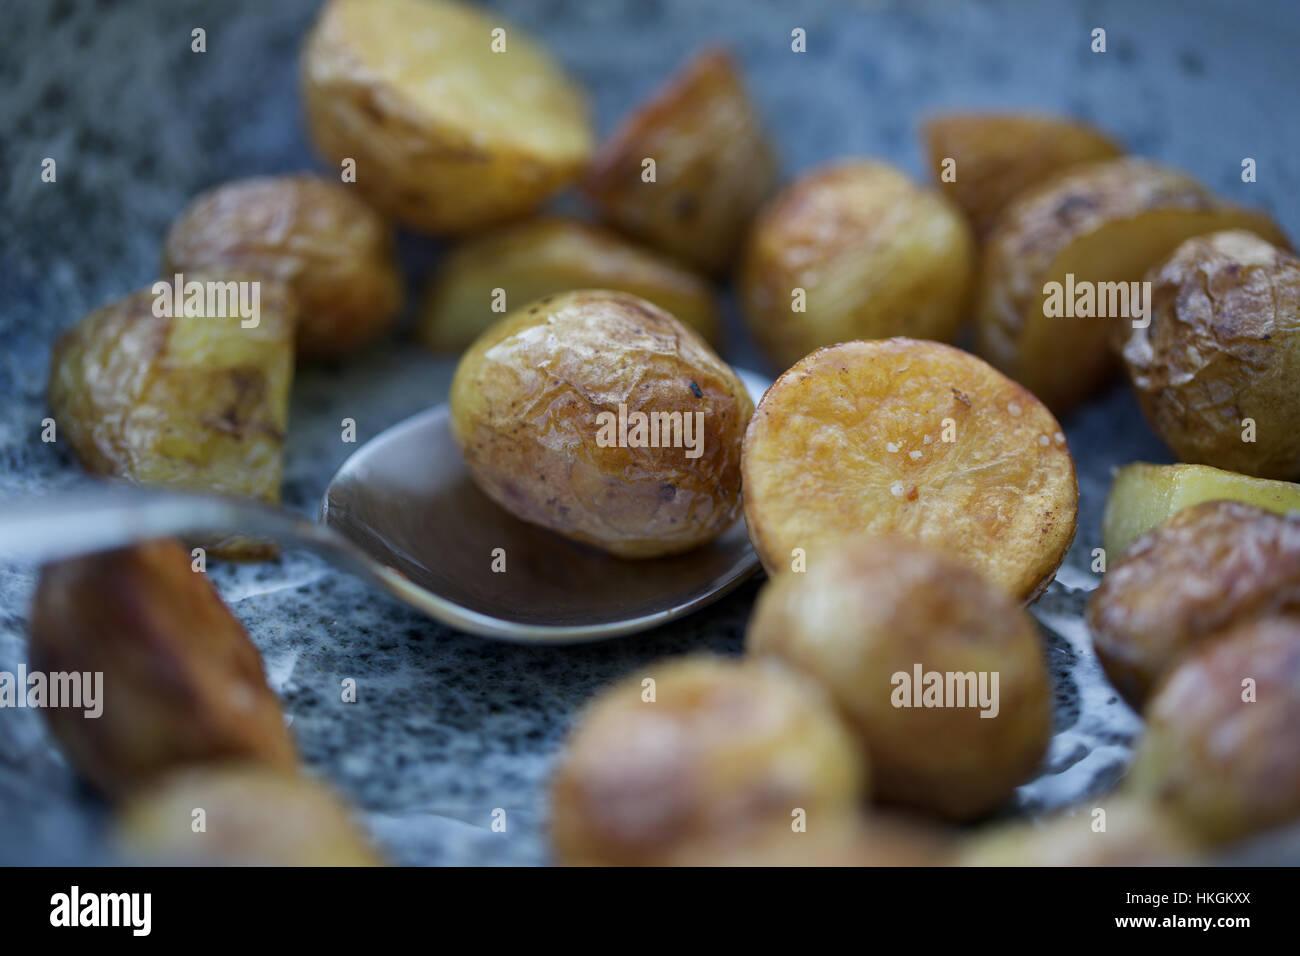 Gebratene Baby-Kartoffeln. Löffel, ungesund, Essen, Essen. Stockbild